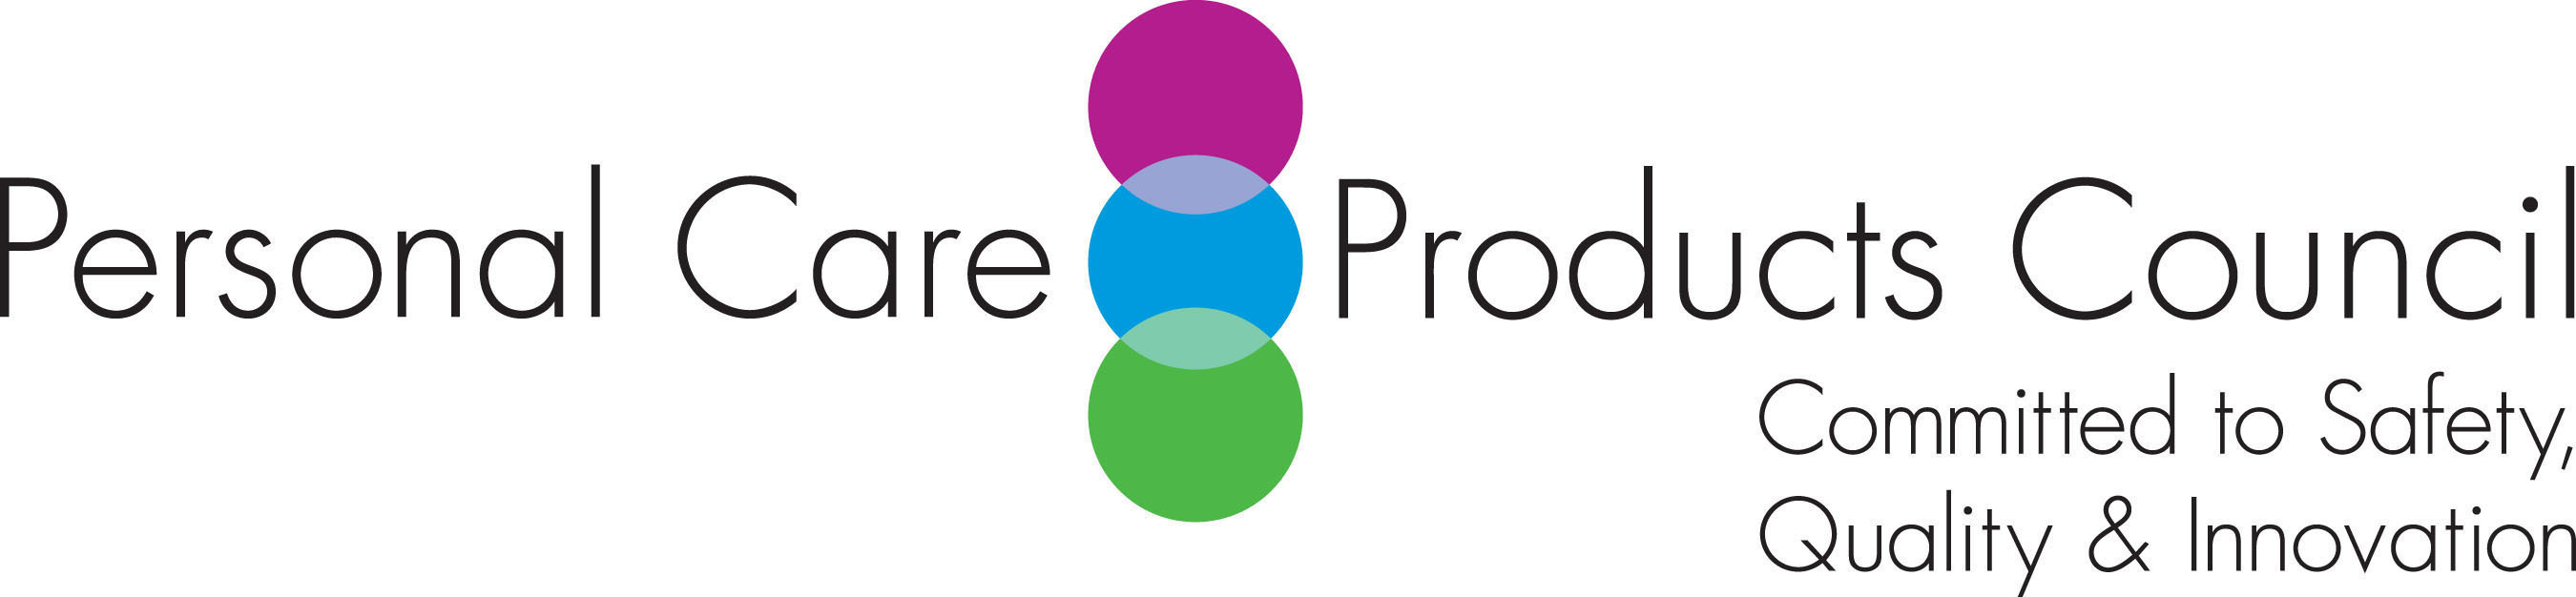 PCPC logo.